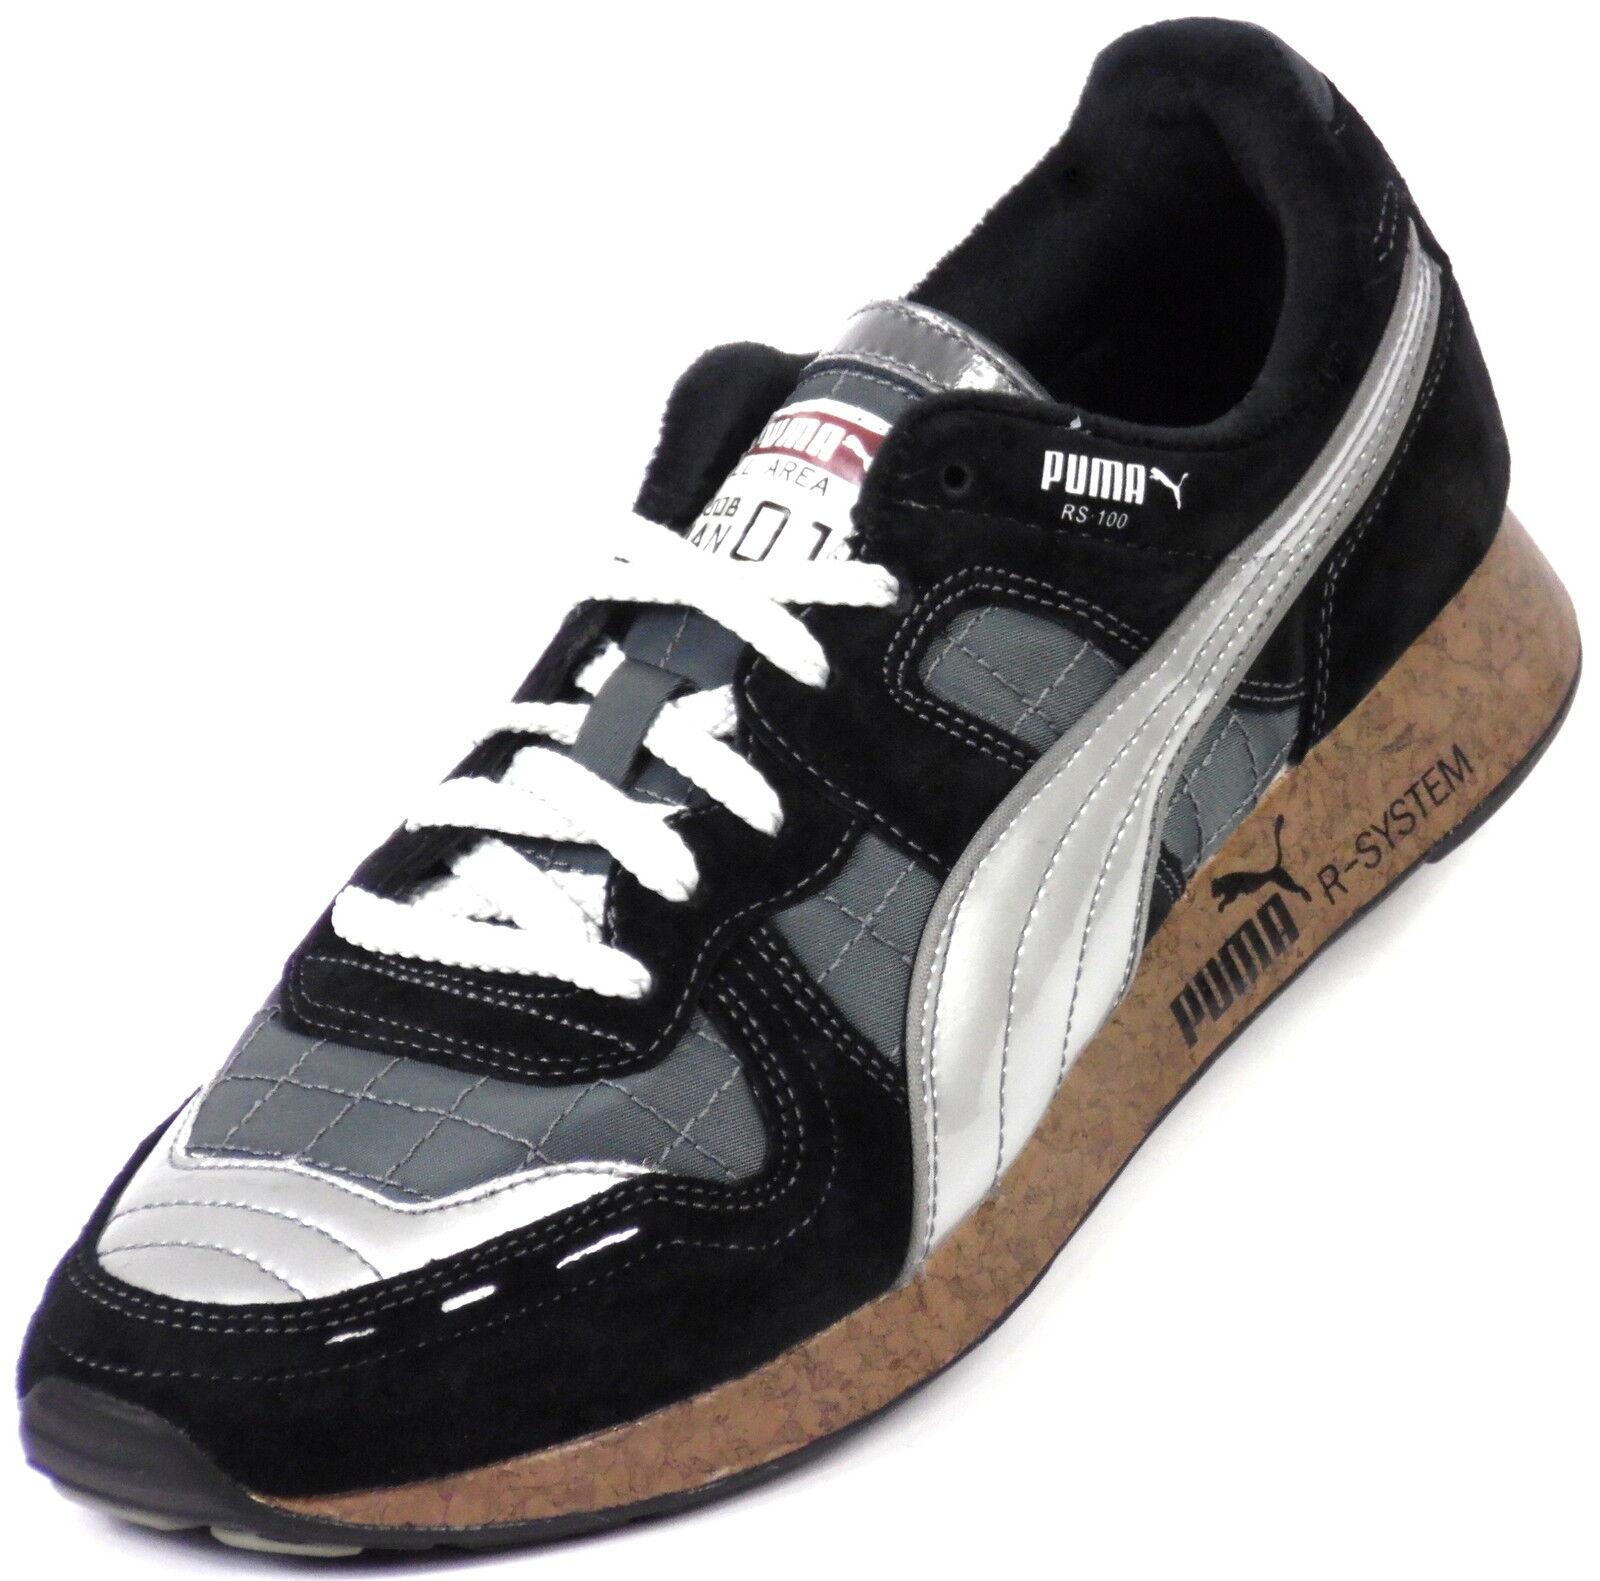 Neu PUMA RS 100 Parka Retro Black Herren Sportschuhe Sneaker Schuhe Schwarz